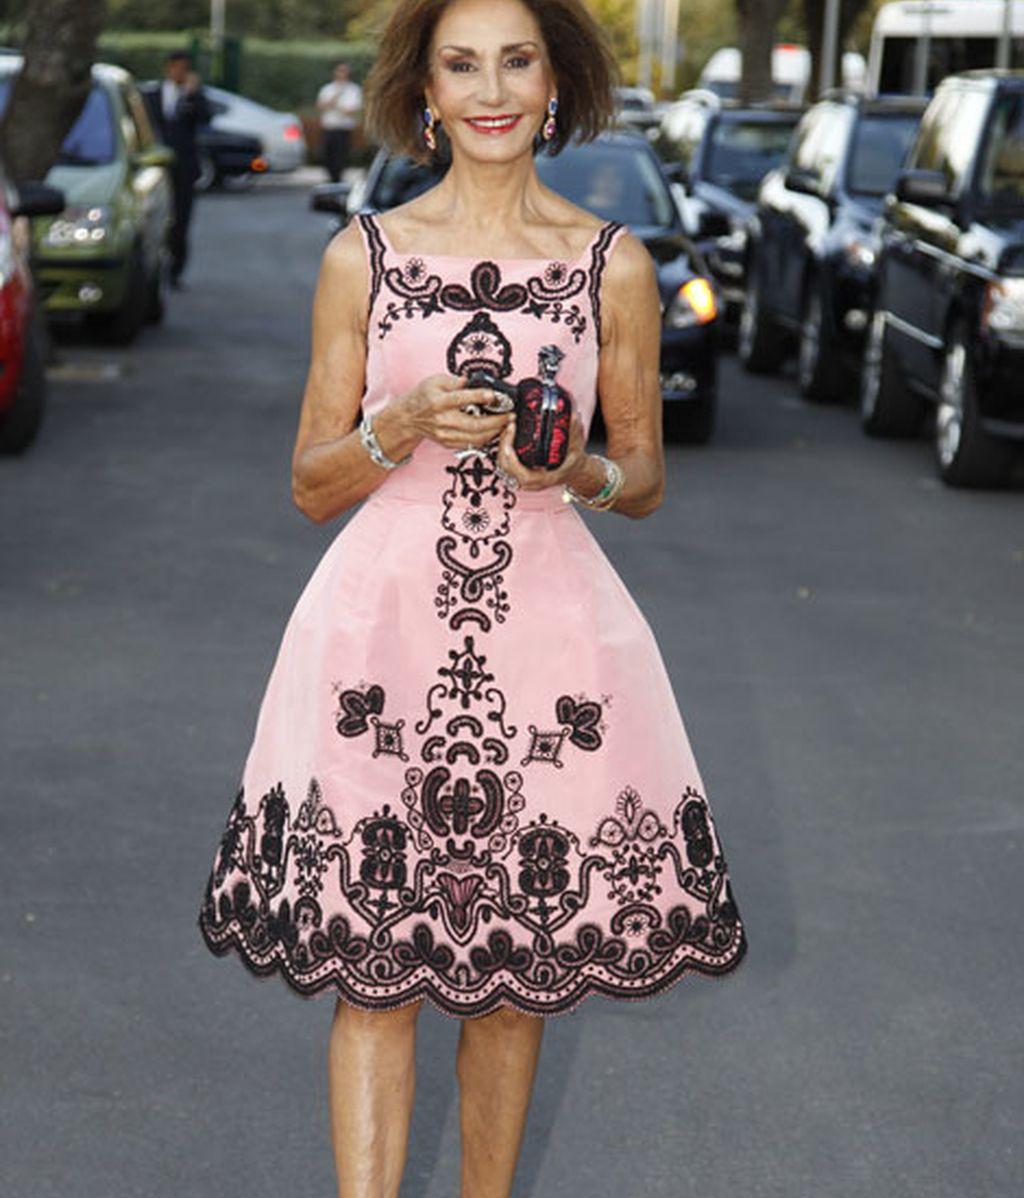 Nati Abascal triunfó con su vestido rosa